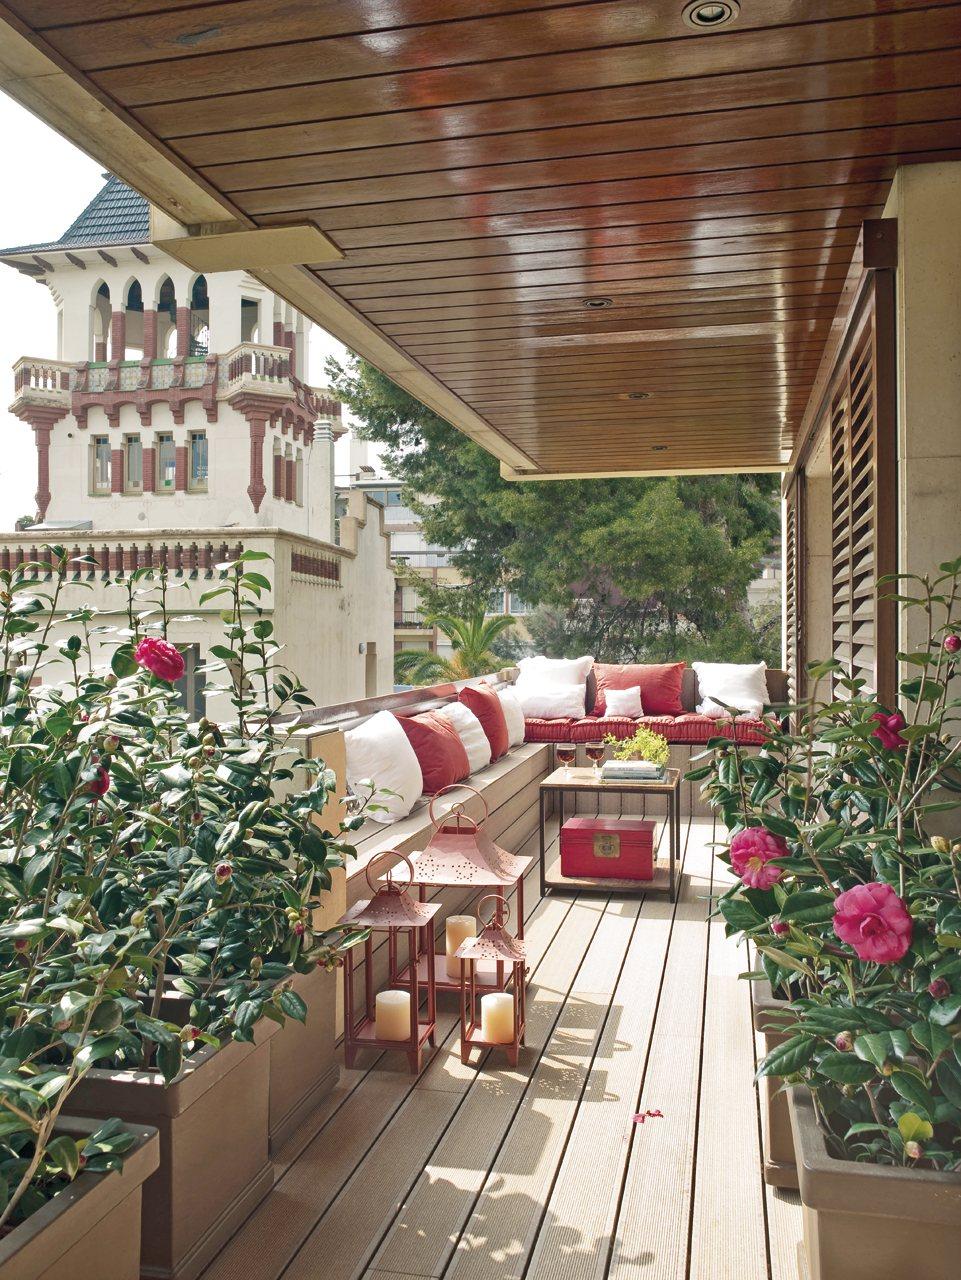 Terrazas peque as exteriores bien aprovechadas - Suelos para jardines pequenos ...